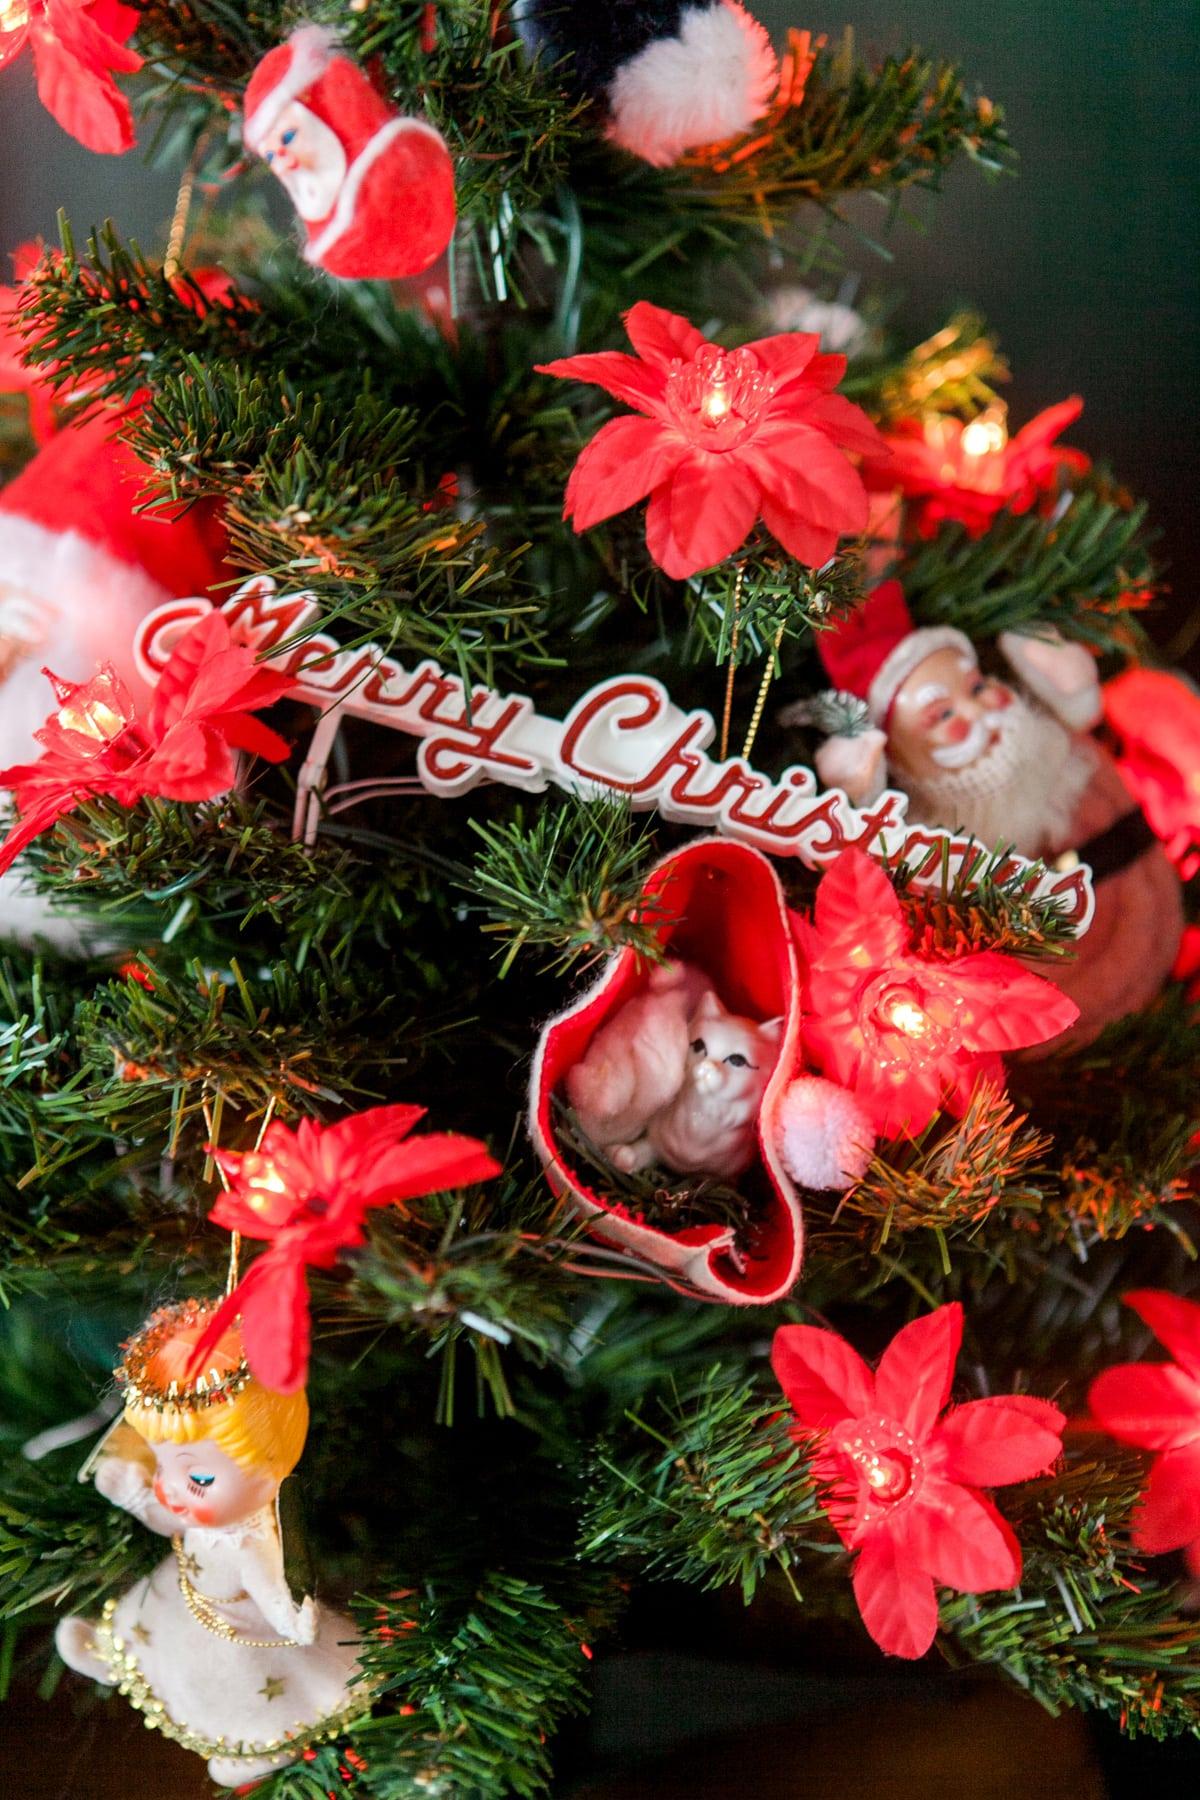 Eclectic Home Tour Winter 2017   Boho Glam Christmas Decor   Jessica Brigham Blog   Magazine Ready for Life